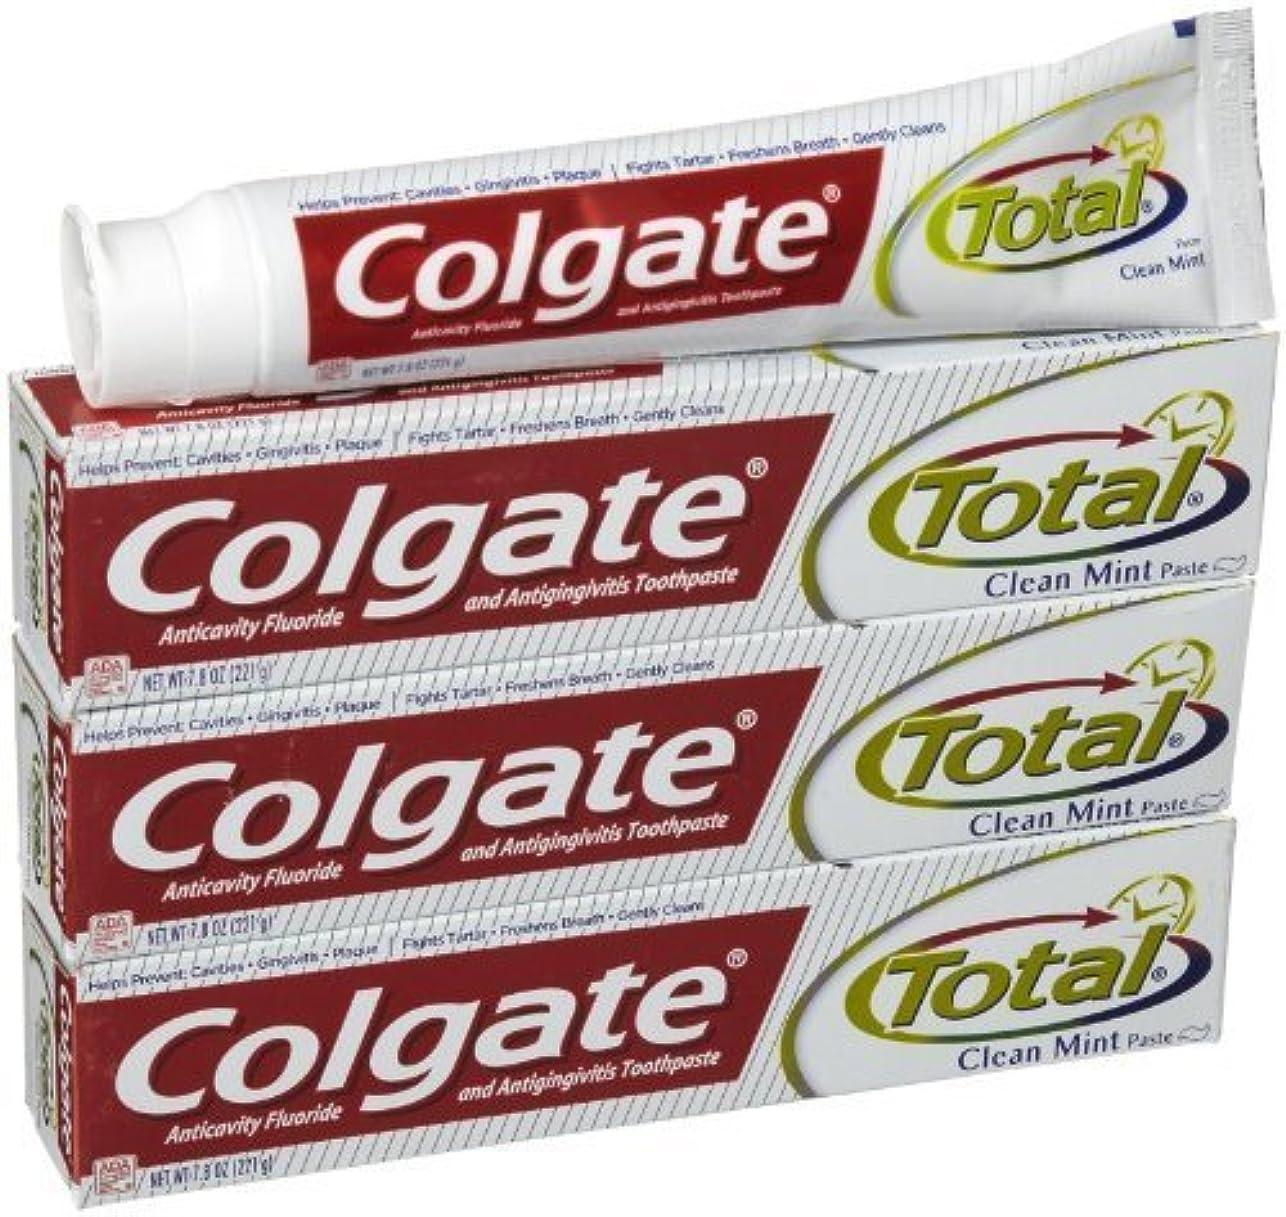 許さない控えめな百年コルゲート クリーンミント 歯磨き粉 7.8OZ-3個 Colgate Total Original Toothpast Clean mint